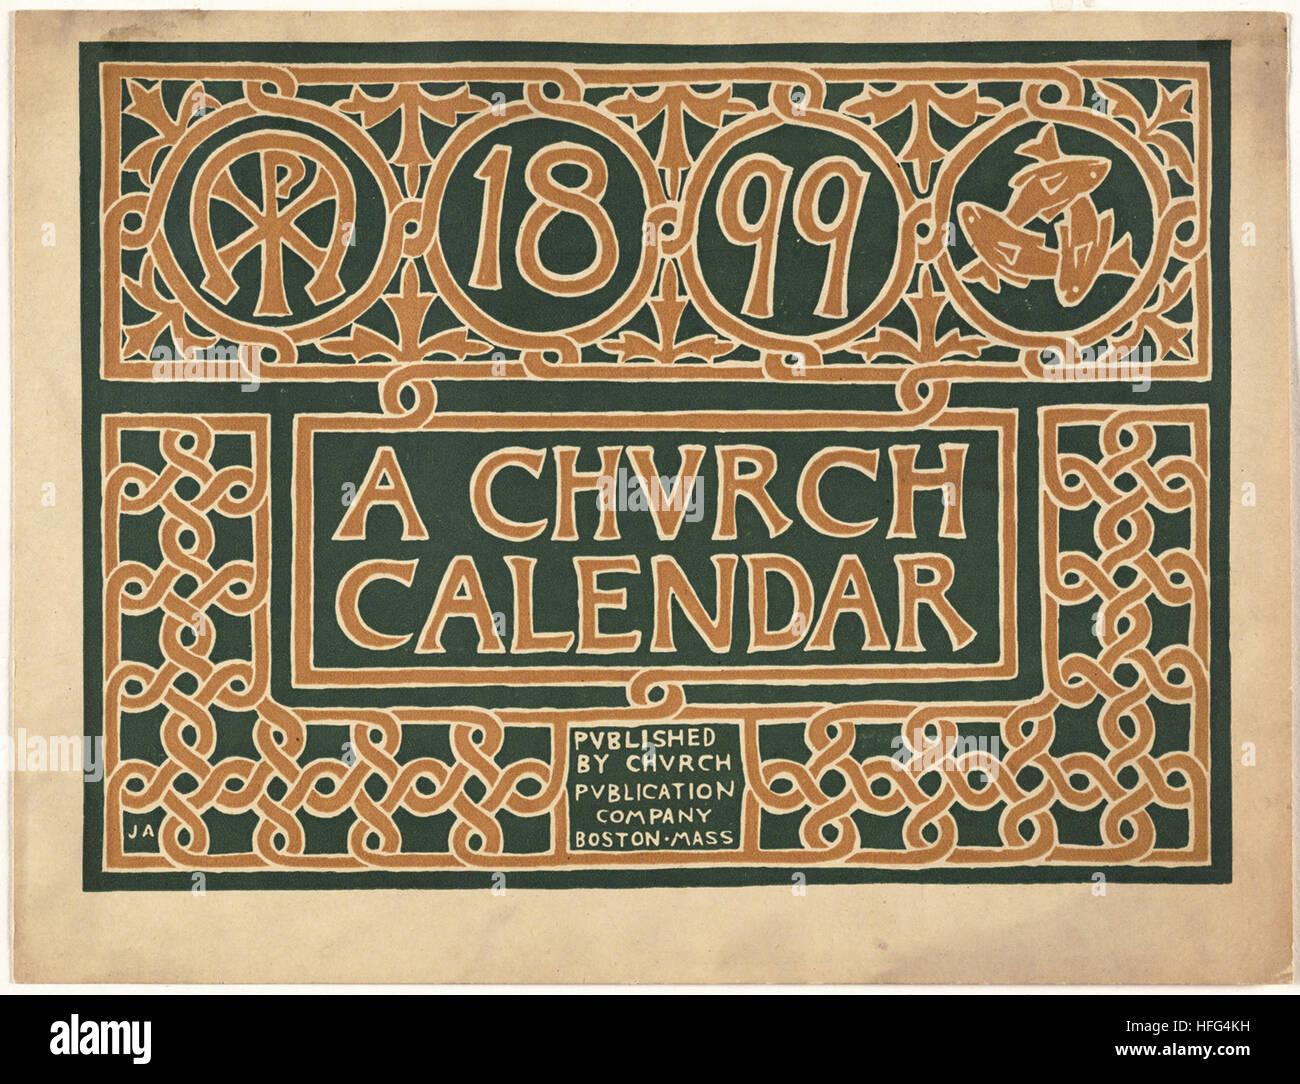 1899, a church calendar - Stock Image